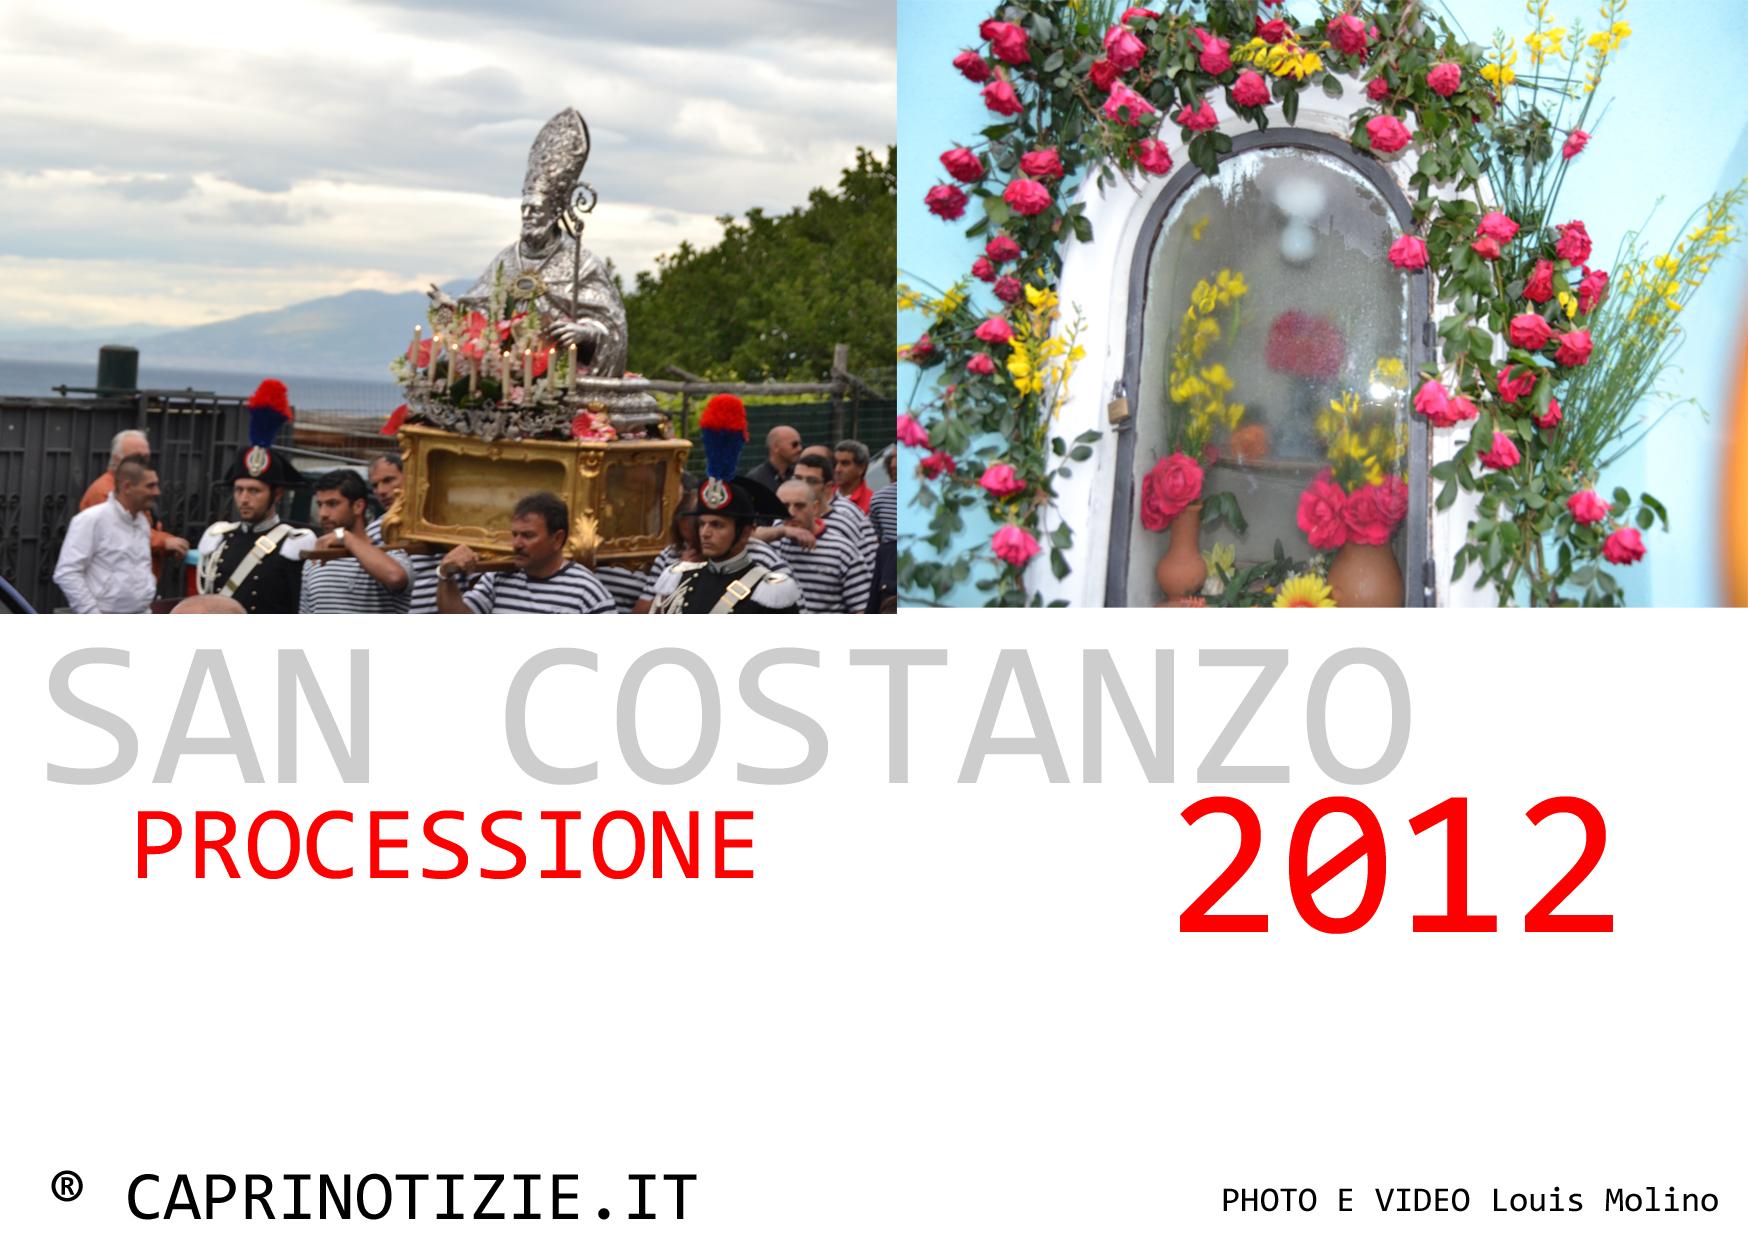 La processione di San Costanzo 2012, video e foto